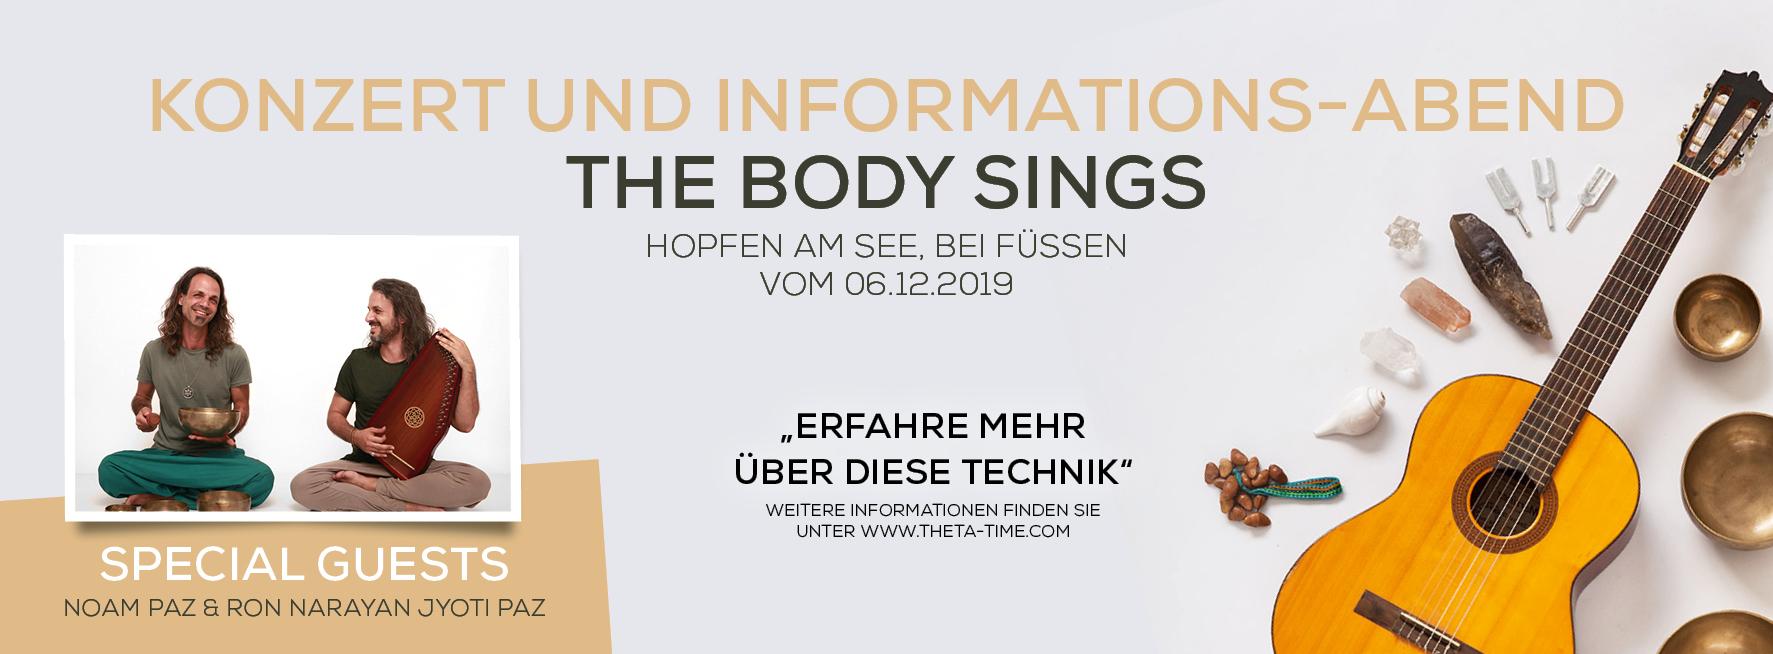 Konzert- und Informations-Abend